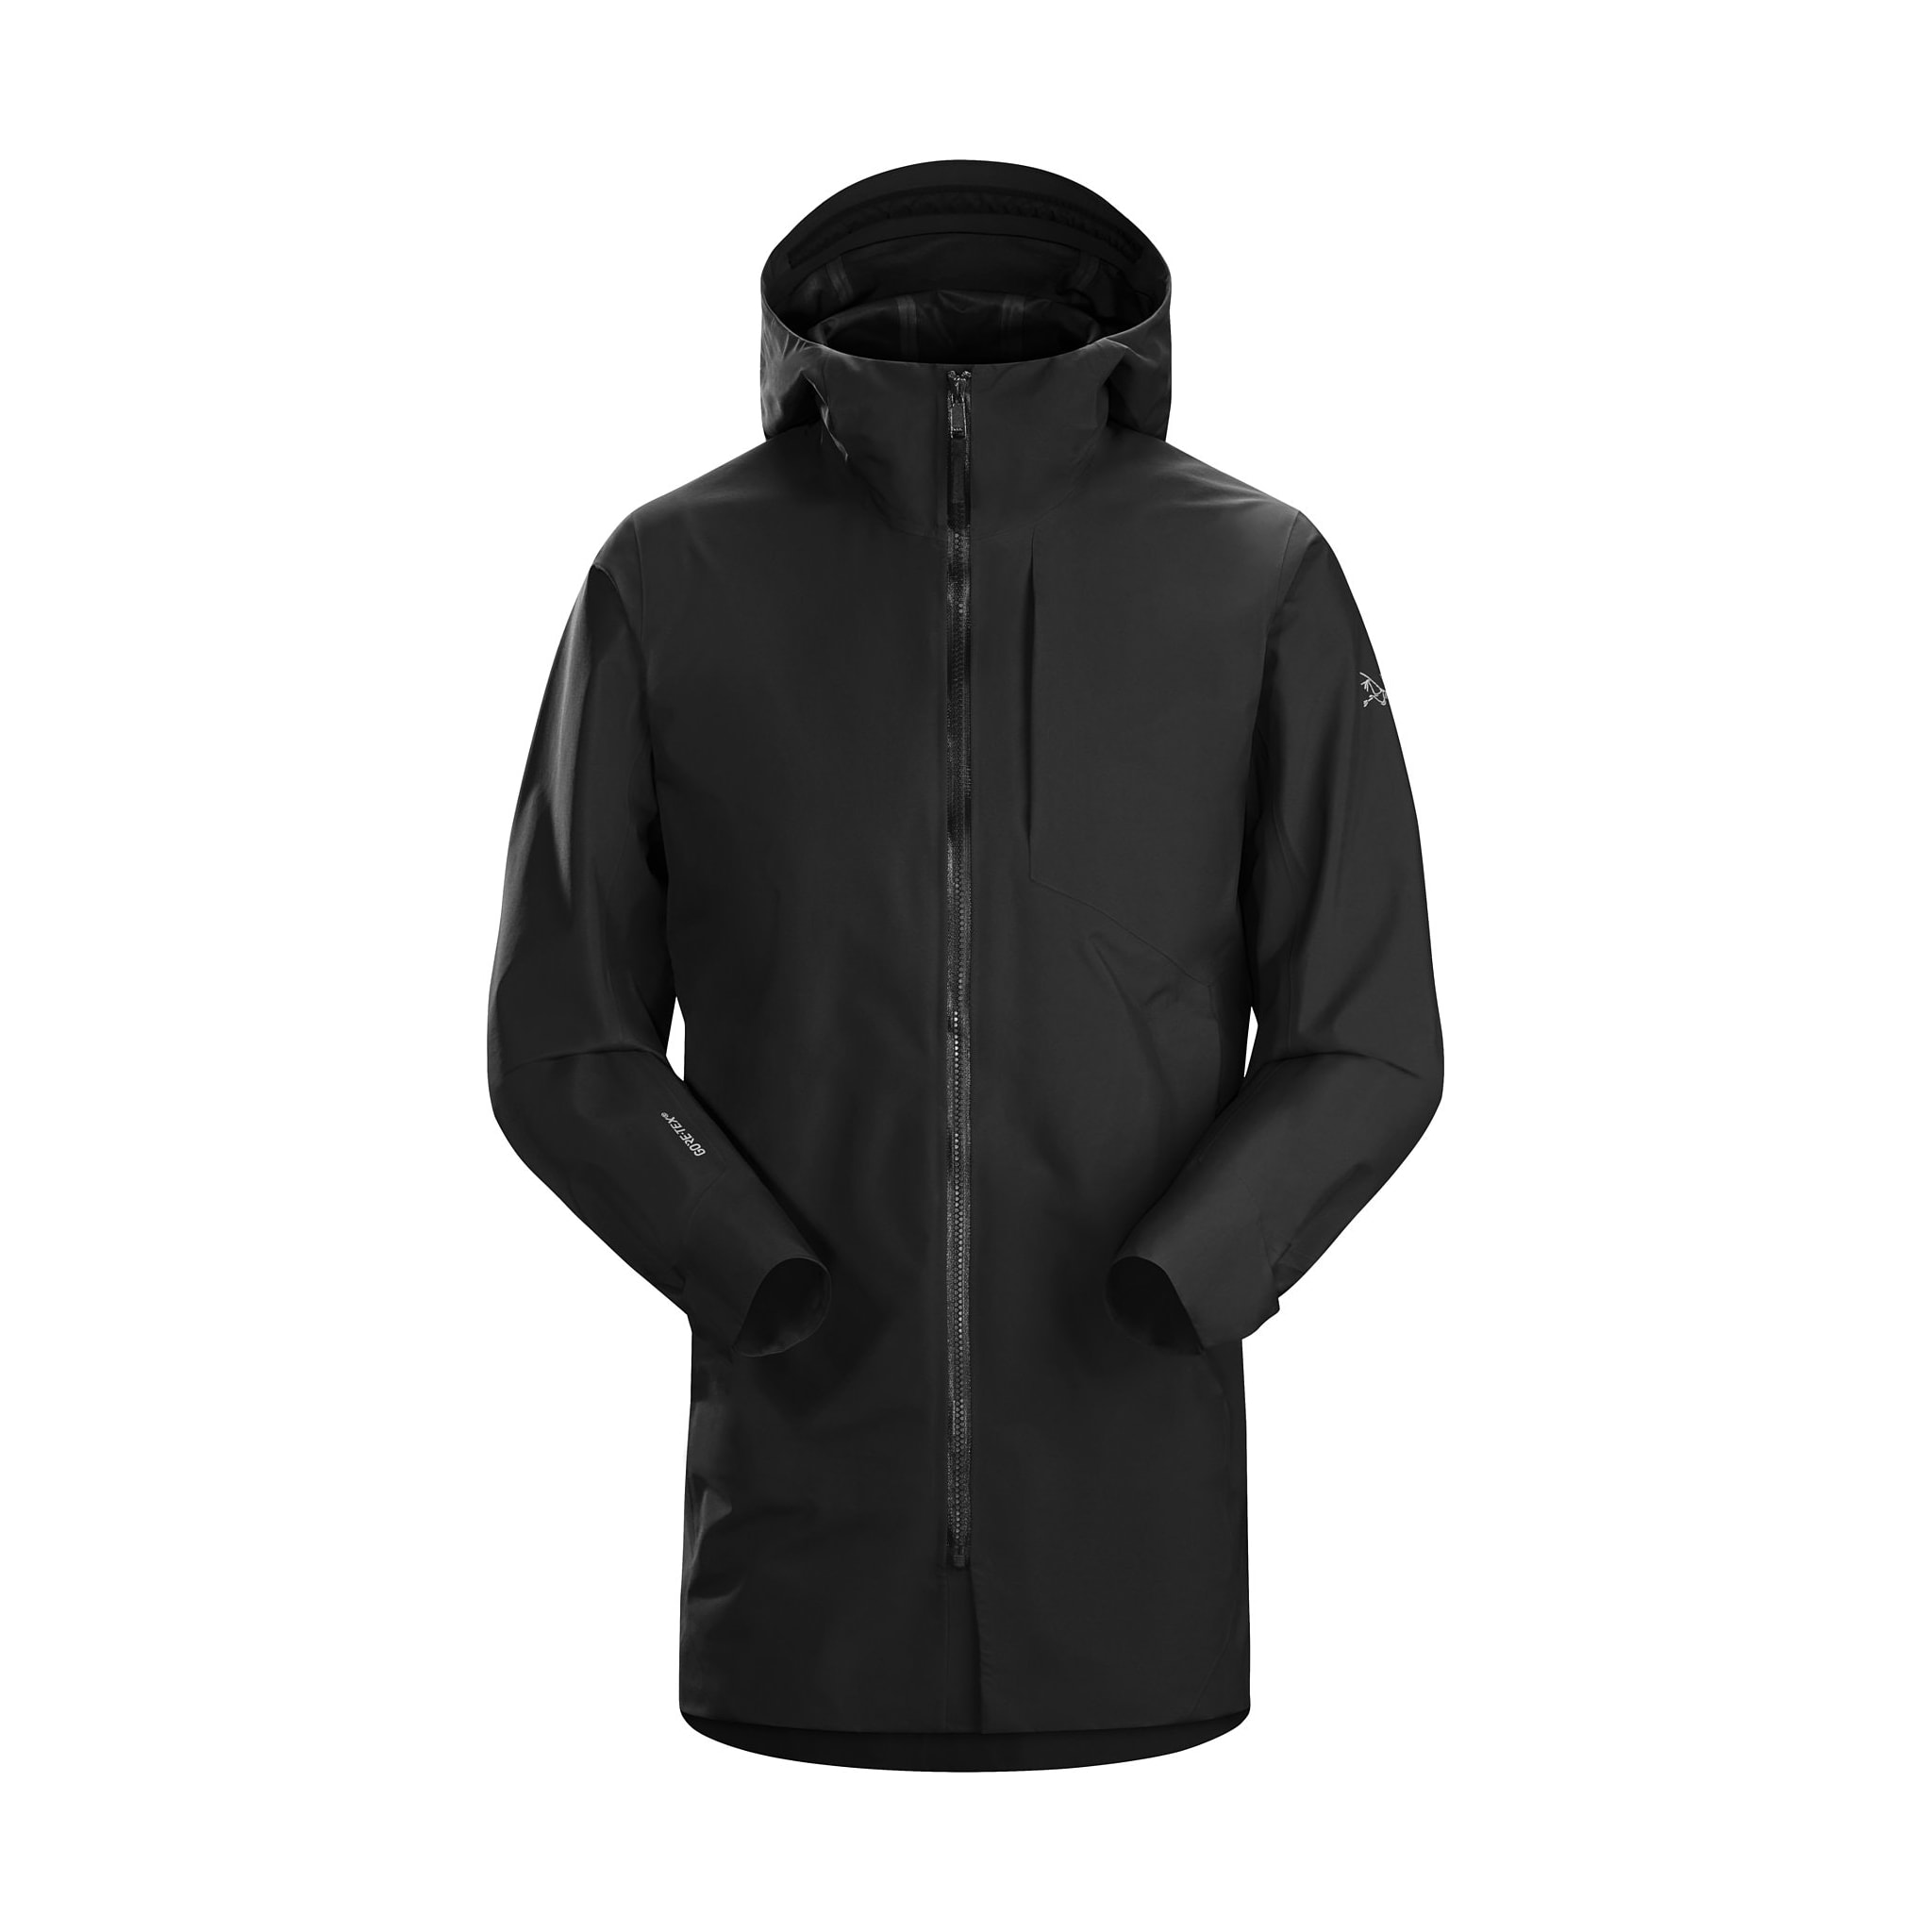 GORE-TEX®-frakk med ren urban estetikk